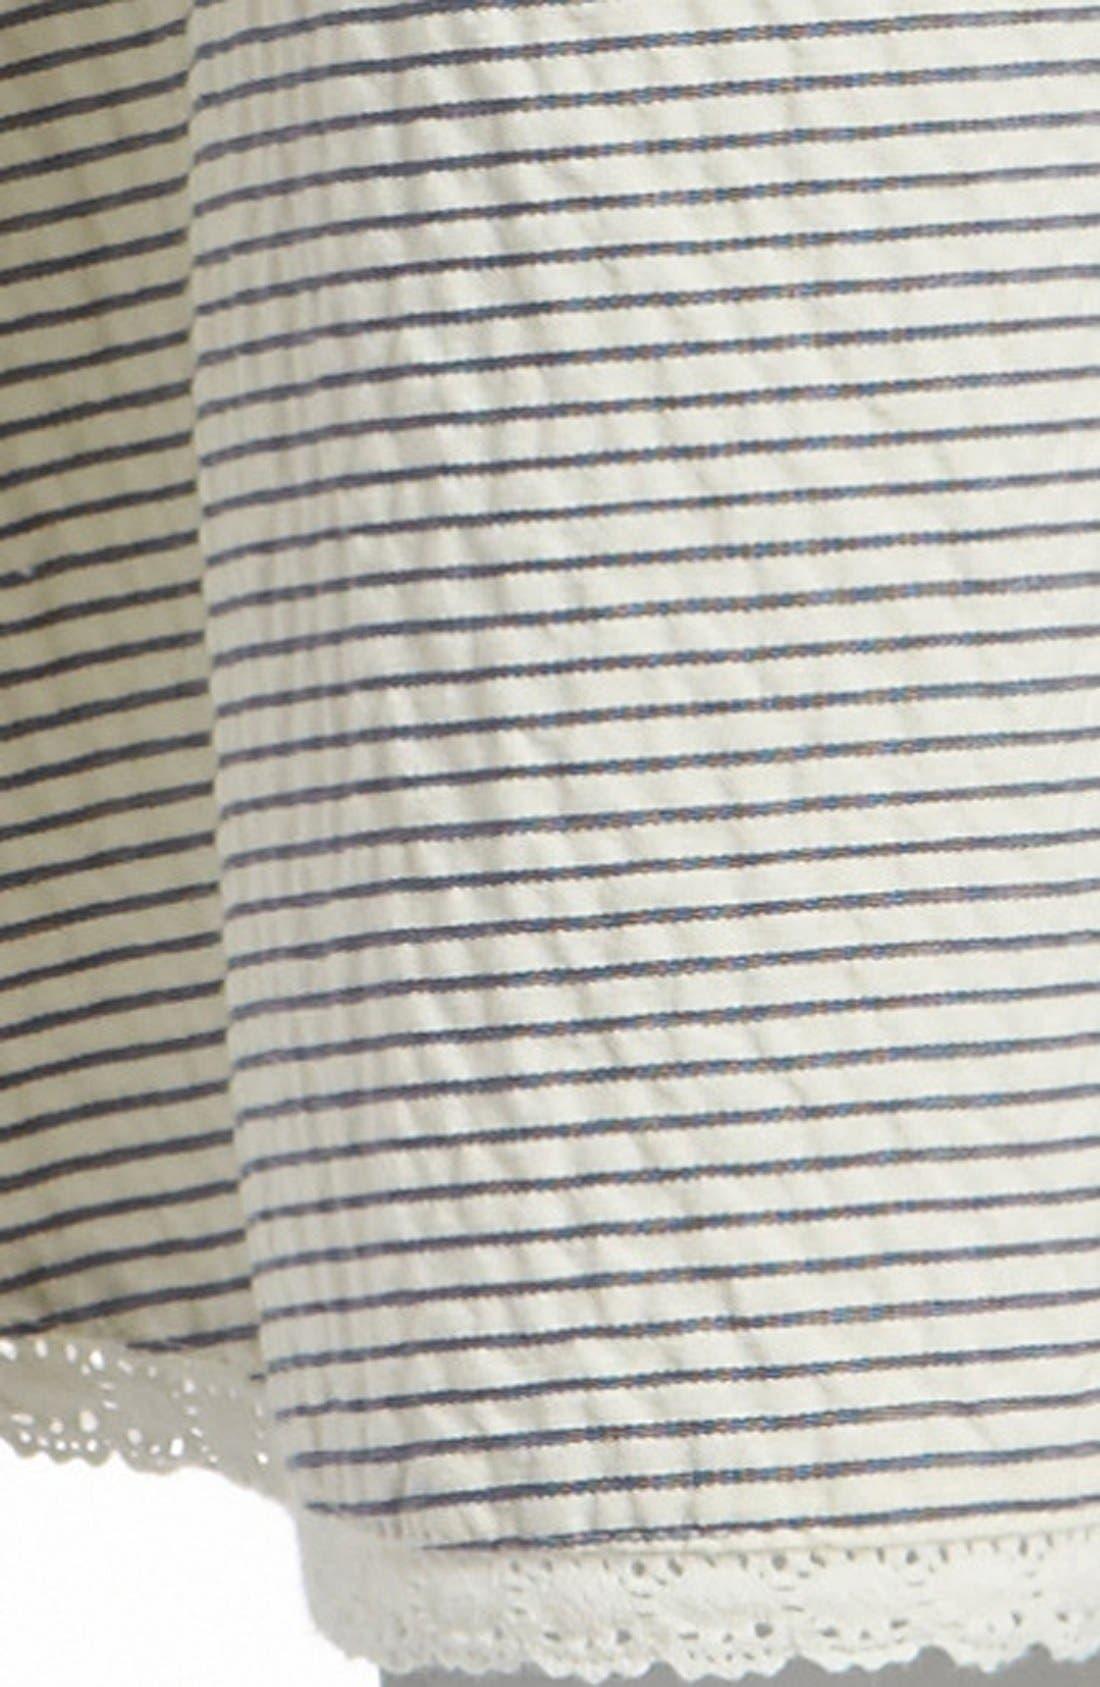 Stripe Wrap Skirt,                             Alternate thumbnail 2, color,                             260